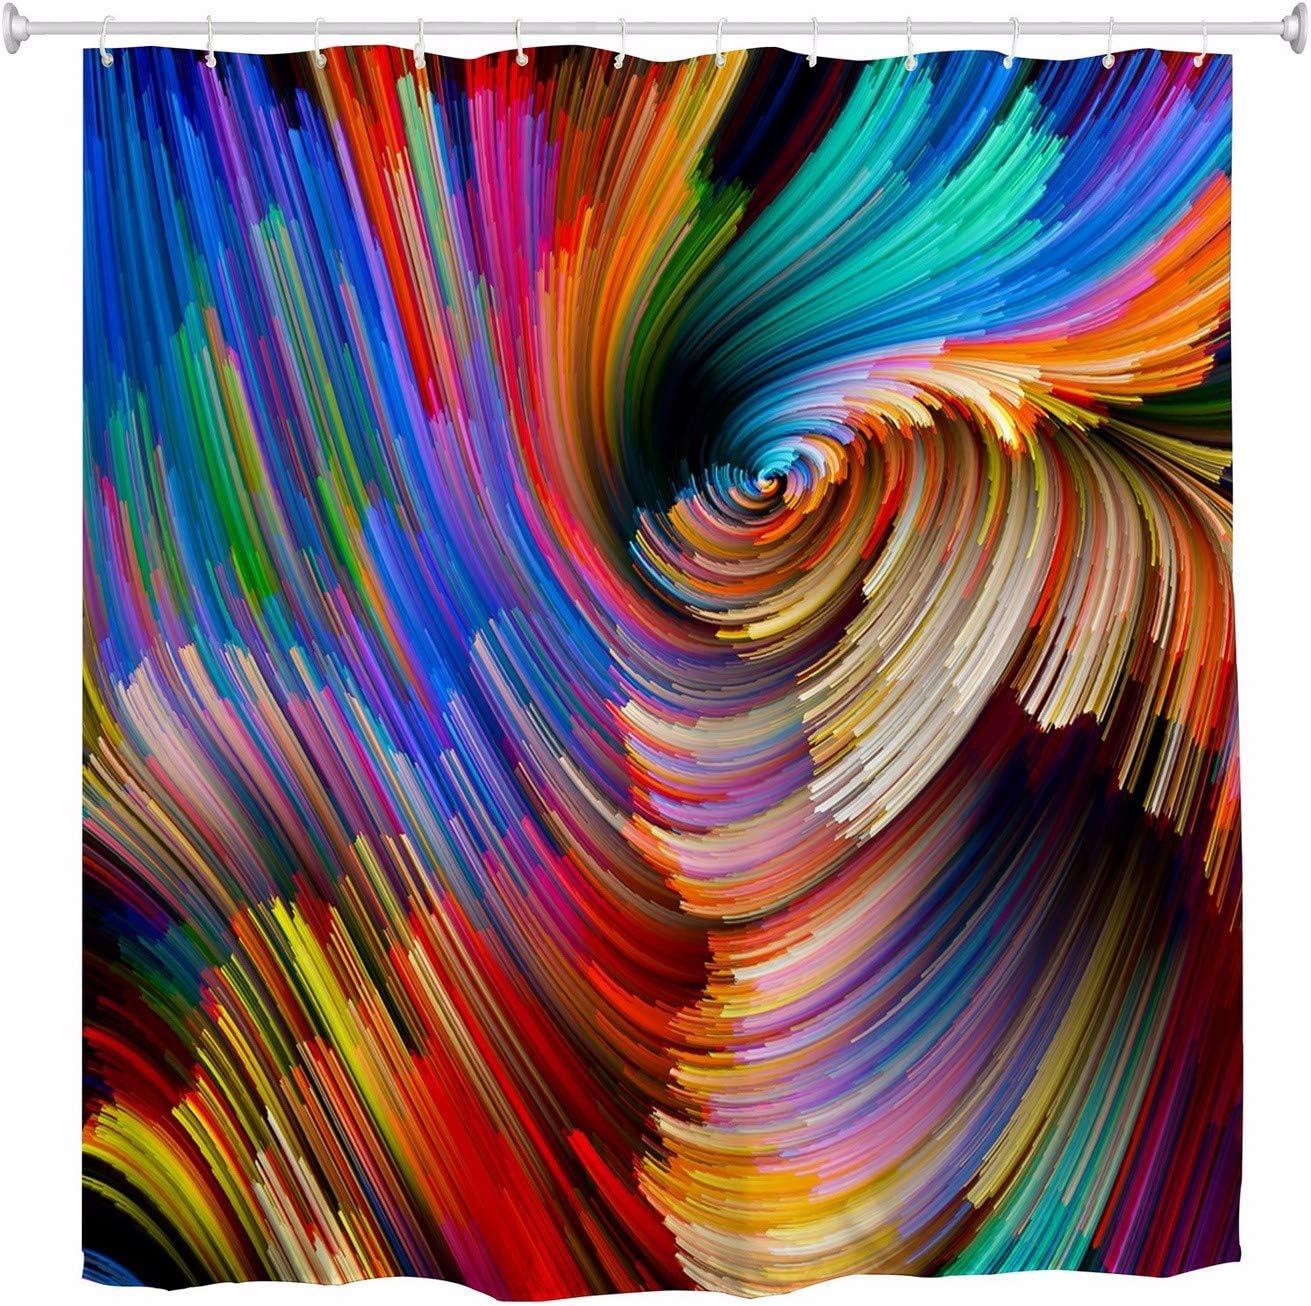 A.Monamour Bleu Ciel Nuages Blancs Aquarelle Pantoufles /Ét/é Plage Tongs /Étoile De Mer Image Imperm/éable /À leau Polyester Tissu Rideau De Douche Ensemble avec Crochets pour Salle De Bains 150x180cm